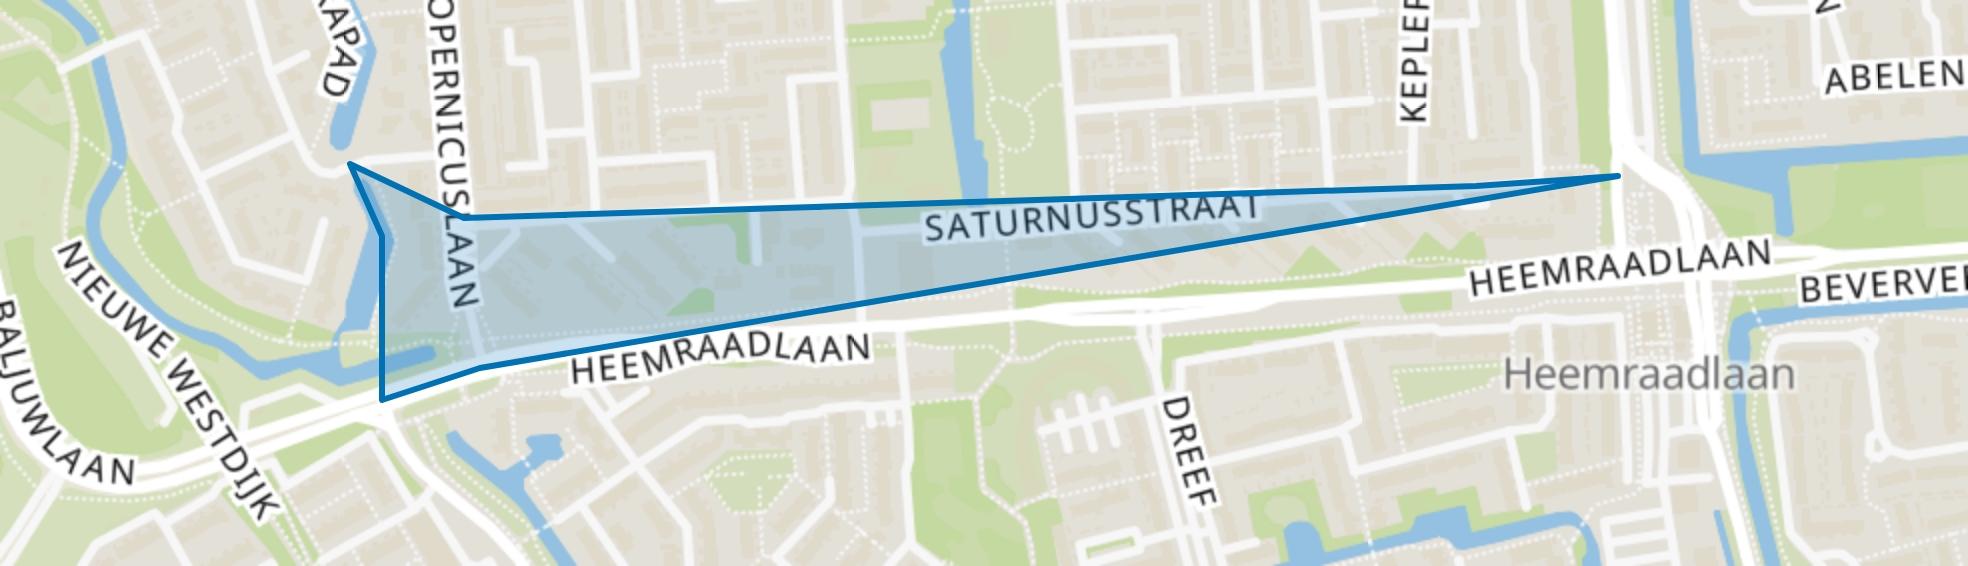 Sterrenkwartier-Zuid, Spijkenisse map